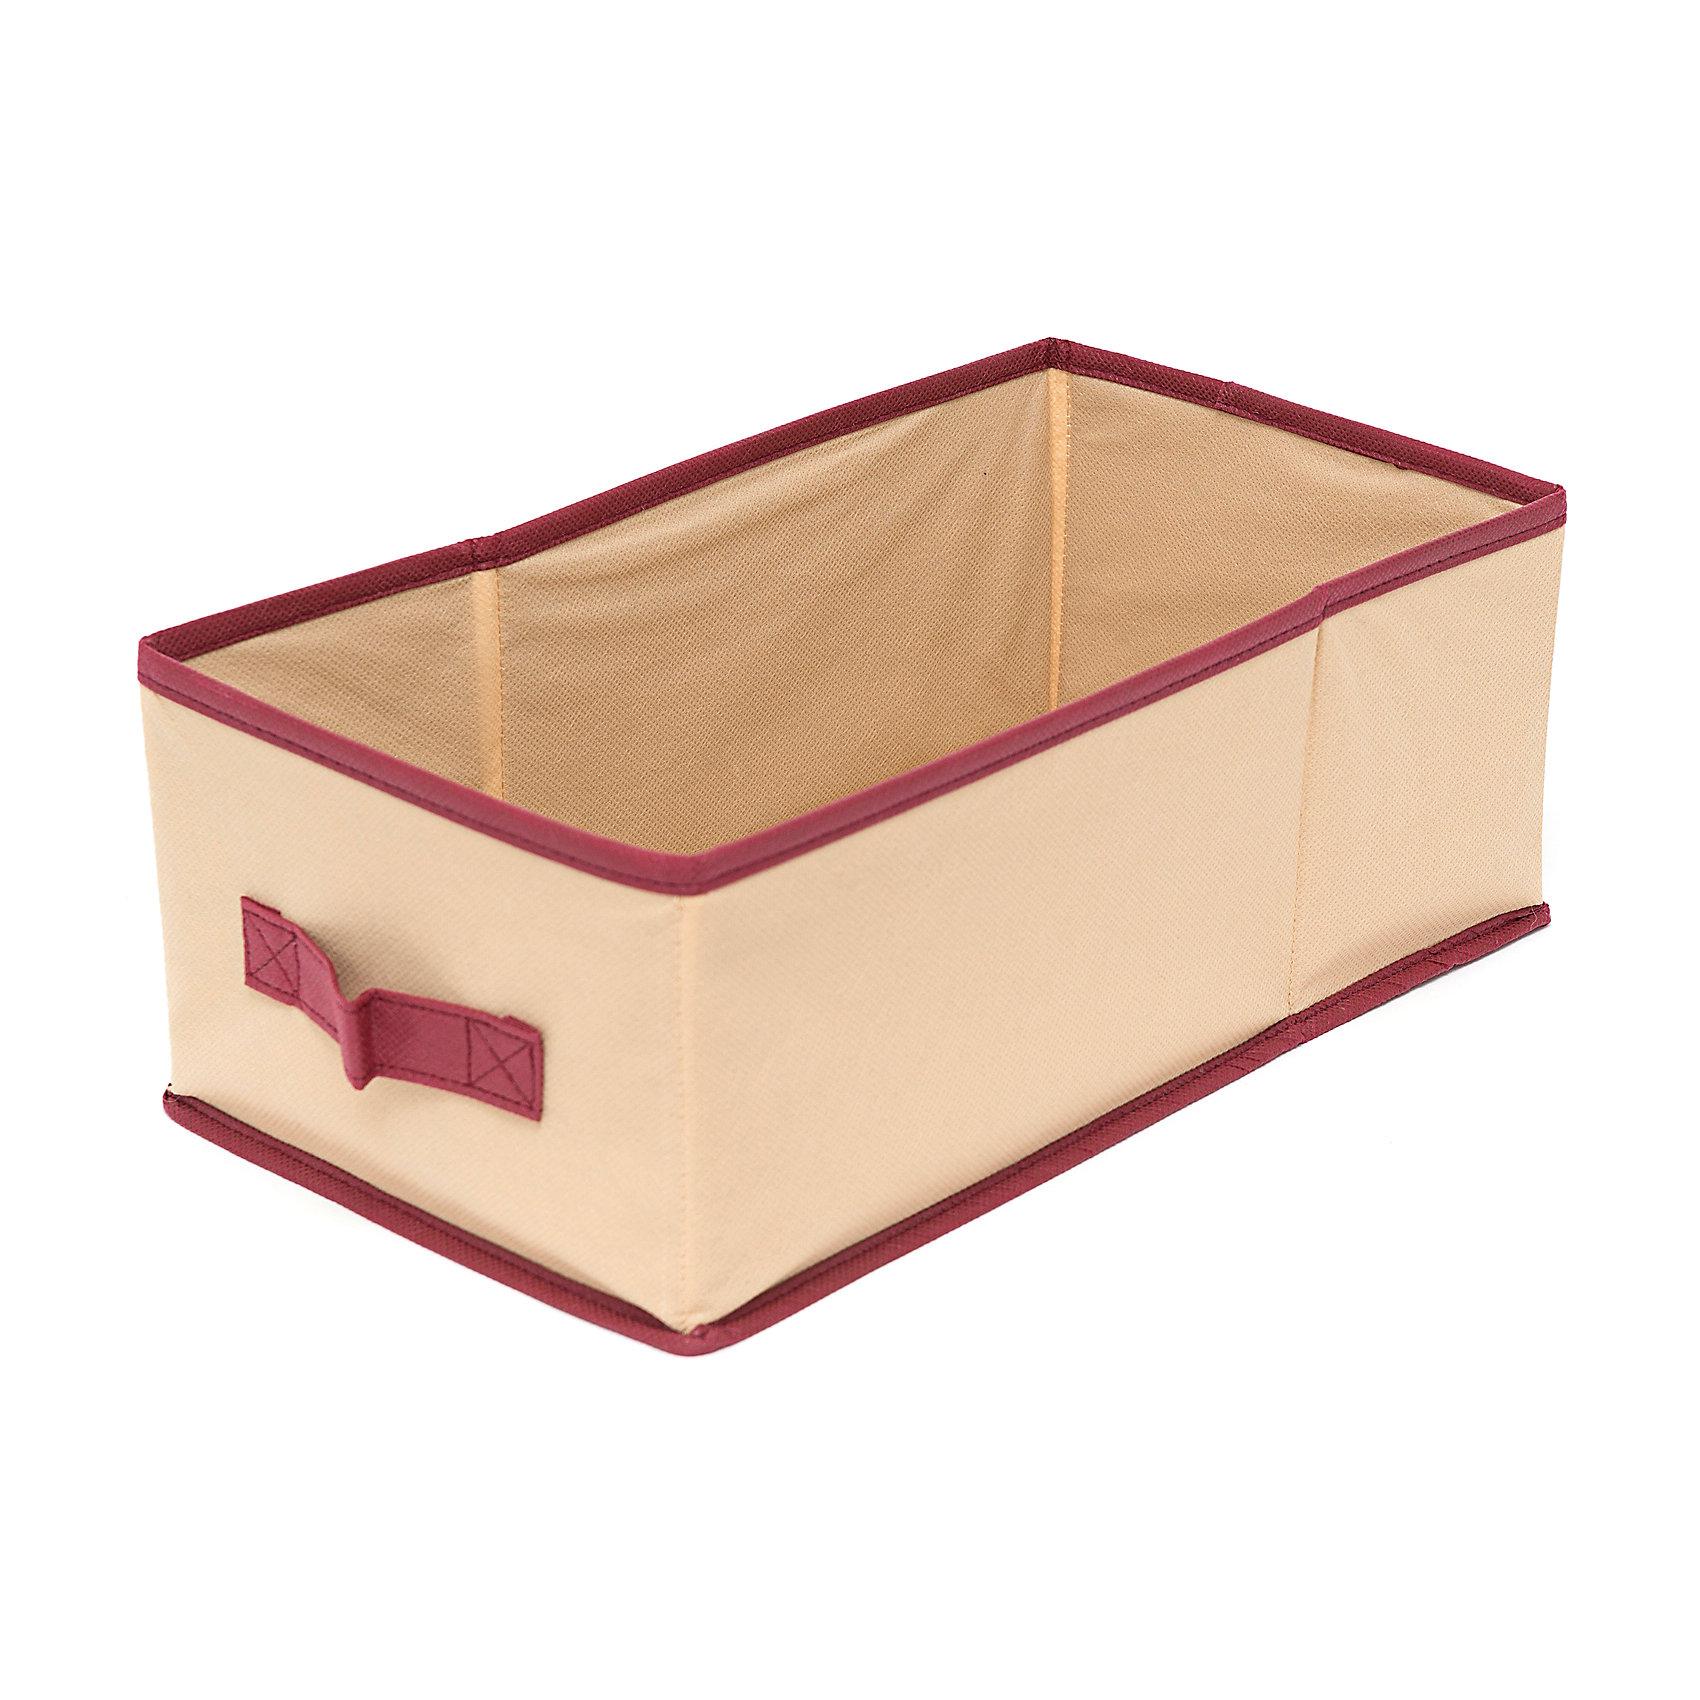 Большой ящик с ручкой Comfort (37*20*14), HomsuПорядок в детской<br>Характеристики товара:<br><br>• цвет: бежевый<br>• материал: спанбонд, картон, ПВХ<br>• размер: 37х20х14 см<br>• вес: 300 г<br>• легкий прочный каркас<br>• ручка для переноски<br>• вместимость: 1 отделение<br>• страна бренда: Россия<br>• страна изготовитель: Китай<br><br>Большой ящик с ручкой Comfort от бренда Homsu (Хомсу) - очень удобная вещь для хранения вещей и эргономичной организации пространства.<br><br>Он легкий, устойчивый, вместительный, имеет удобную ручку для переноски.<br><br>Большой ящик с ручкой Comfort (37*20*14), Homsu можно купить в нашем интернет-магазине.<br><br>Ширина мм: 350<br>Глубина мм: 200<br>Высота мм: 20<br>Вес г: 300<br>Возраст от месяцев: 216<br>Возраст до месяцев: 1188<br>Пол: Унисекс<br>Возраст: Детский<br>SKU: 5620112